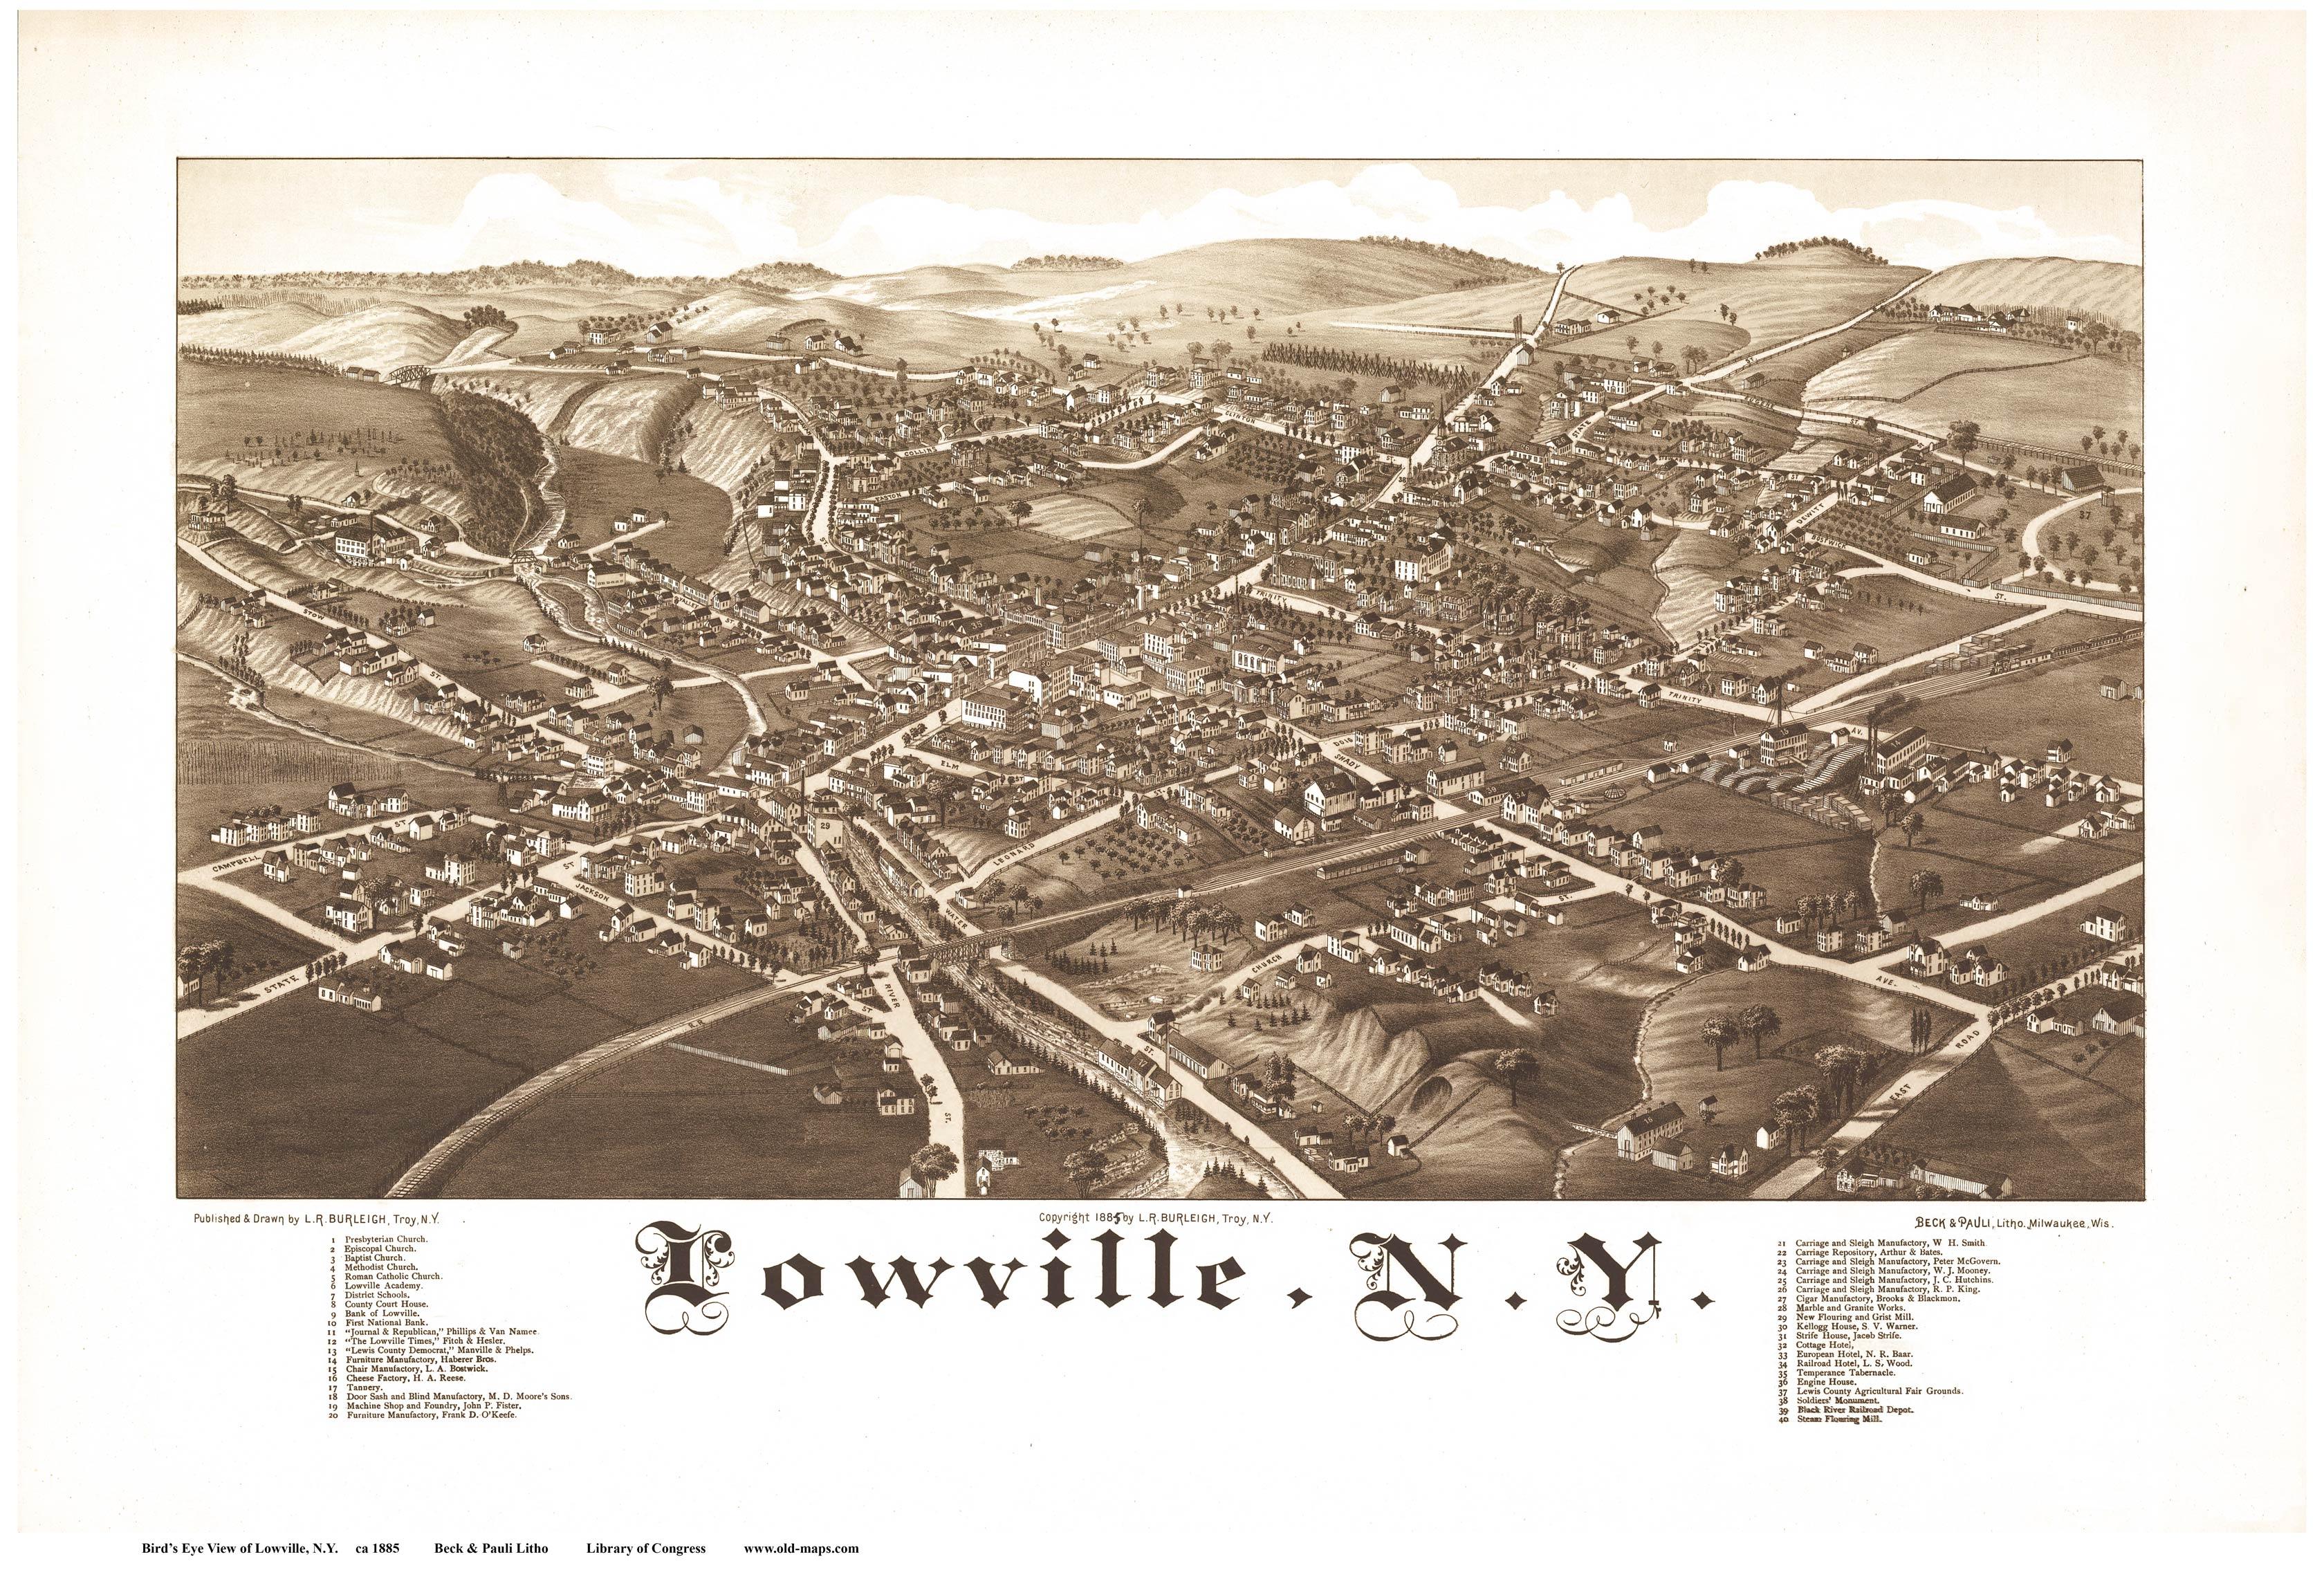 Cazenovia 1890 20 5 X 33 Lowville 1885